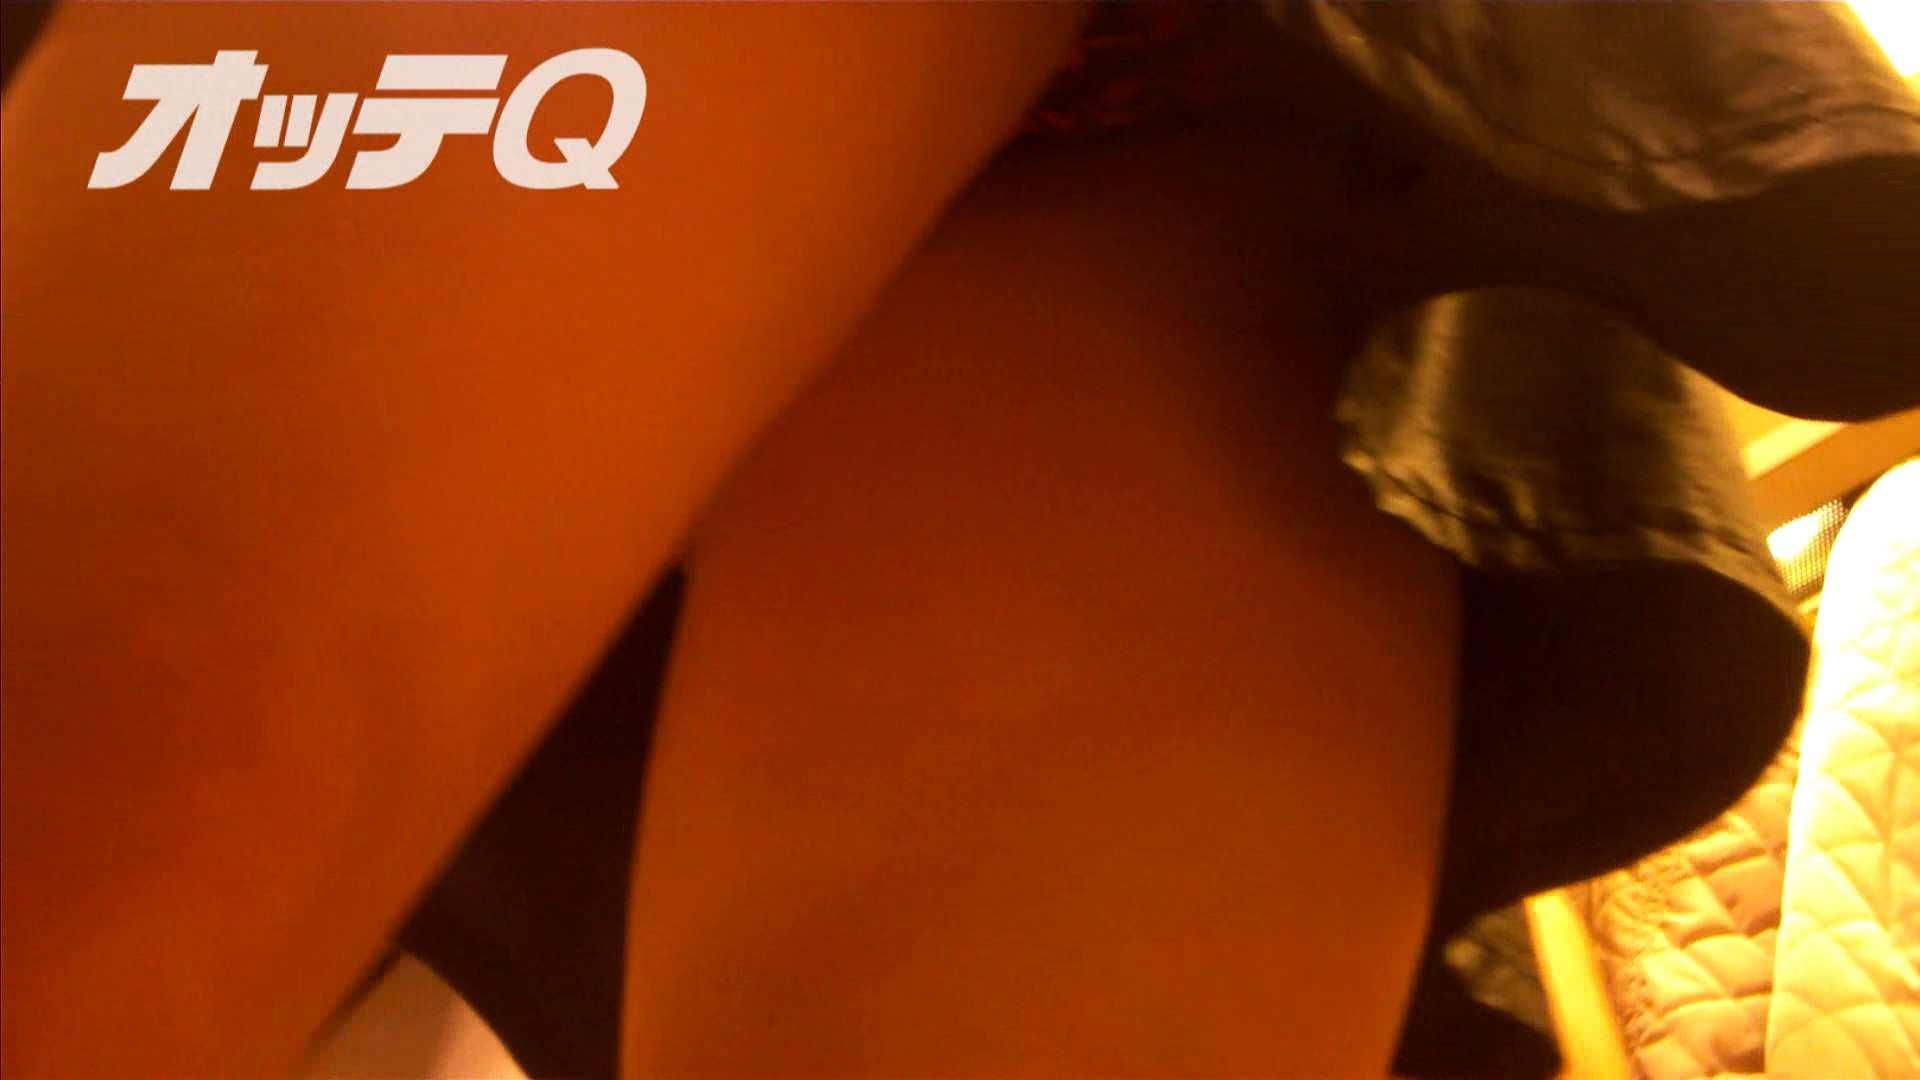 ハイビジョンパンチラ オッテQさんの追跡パンチラデパート編VOL.03 Hなお姉さん AV無料動画キャプチャ 89pic 30